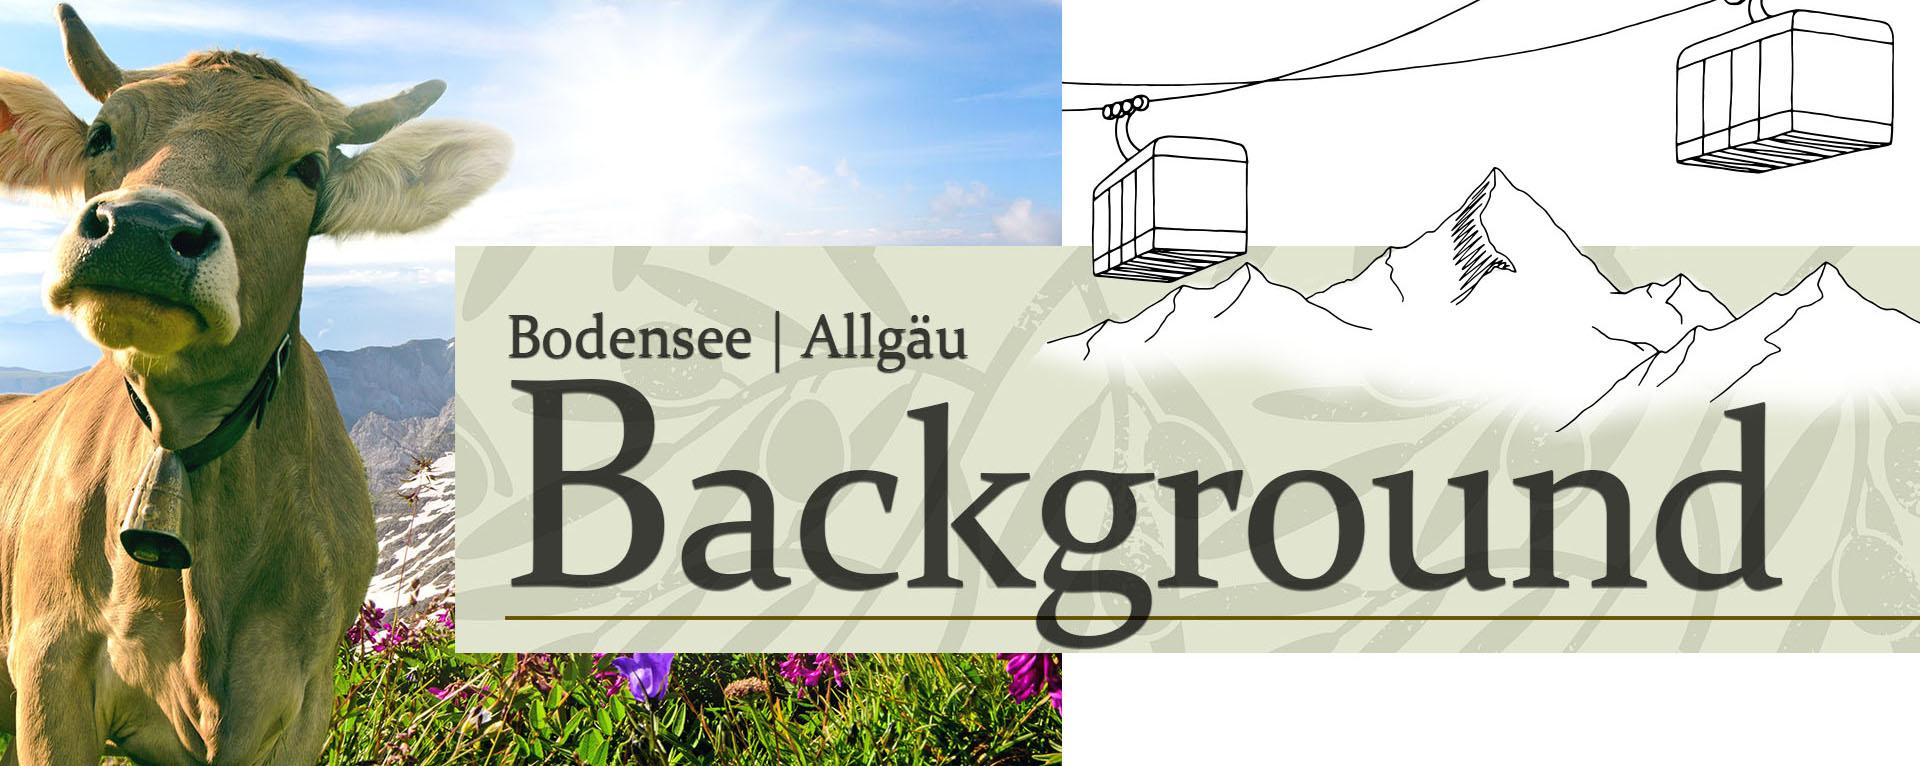 In unsere Alten Kanzlei beziehen wir unsere Produkte aus der Region des Bodensees und Allgäus.